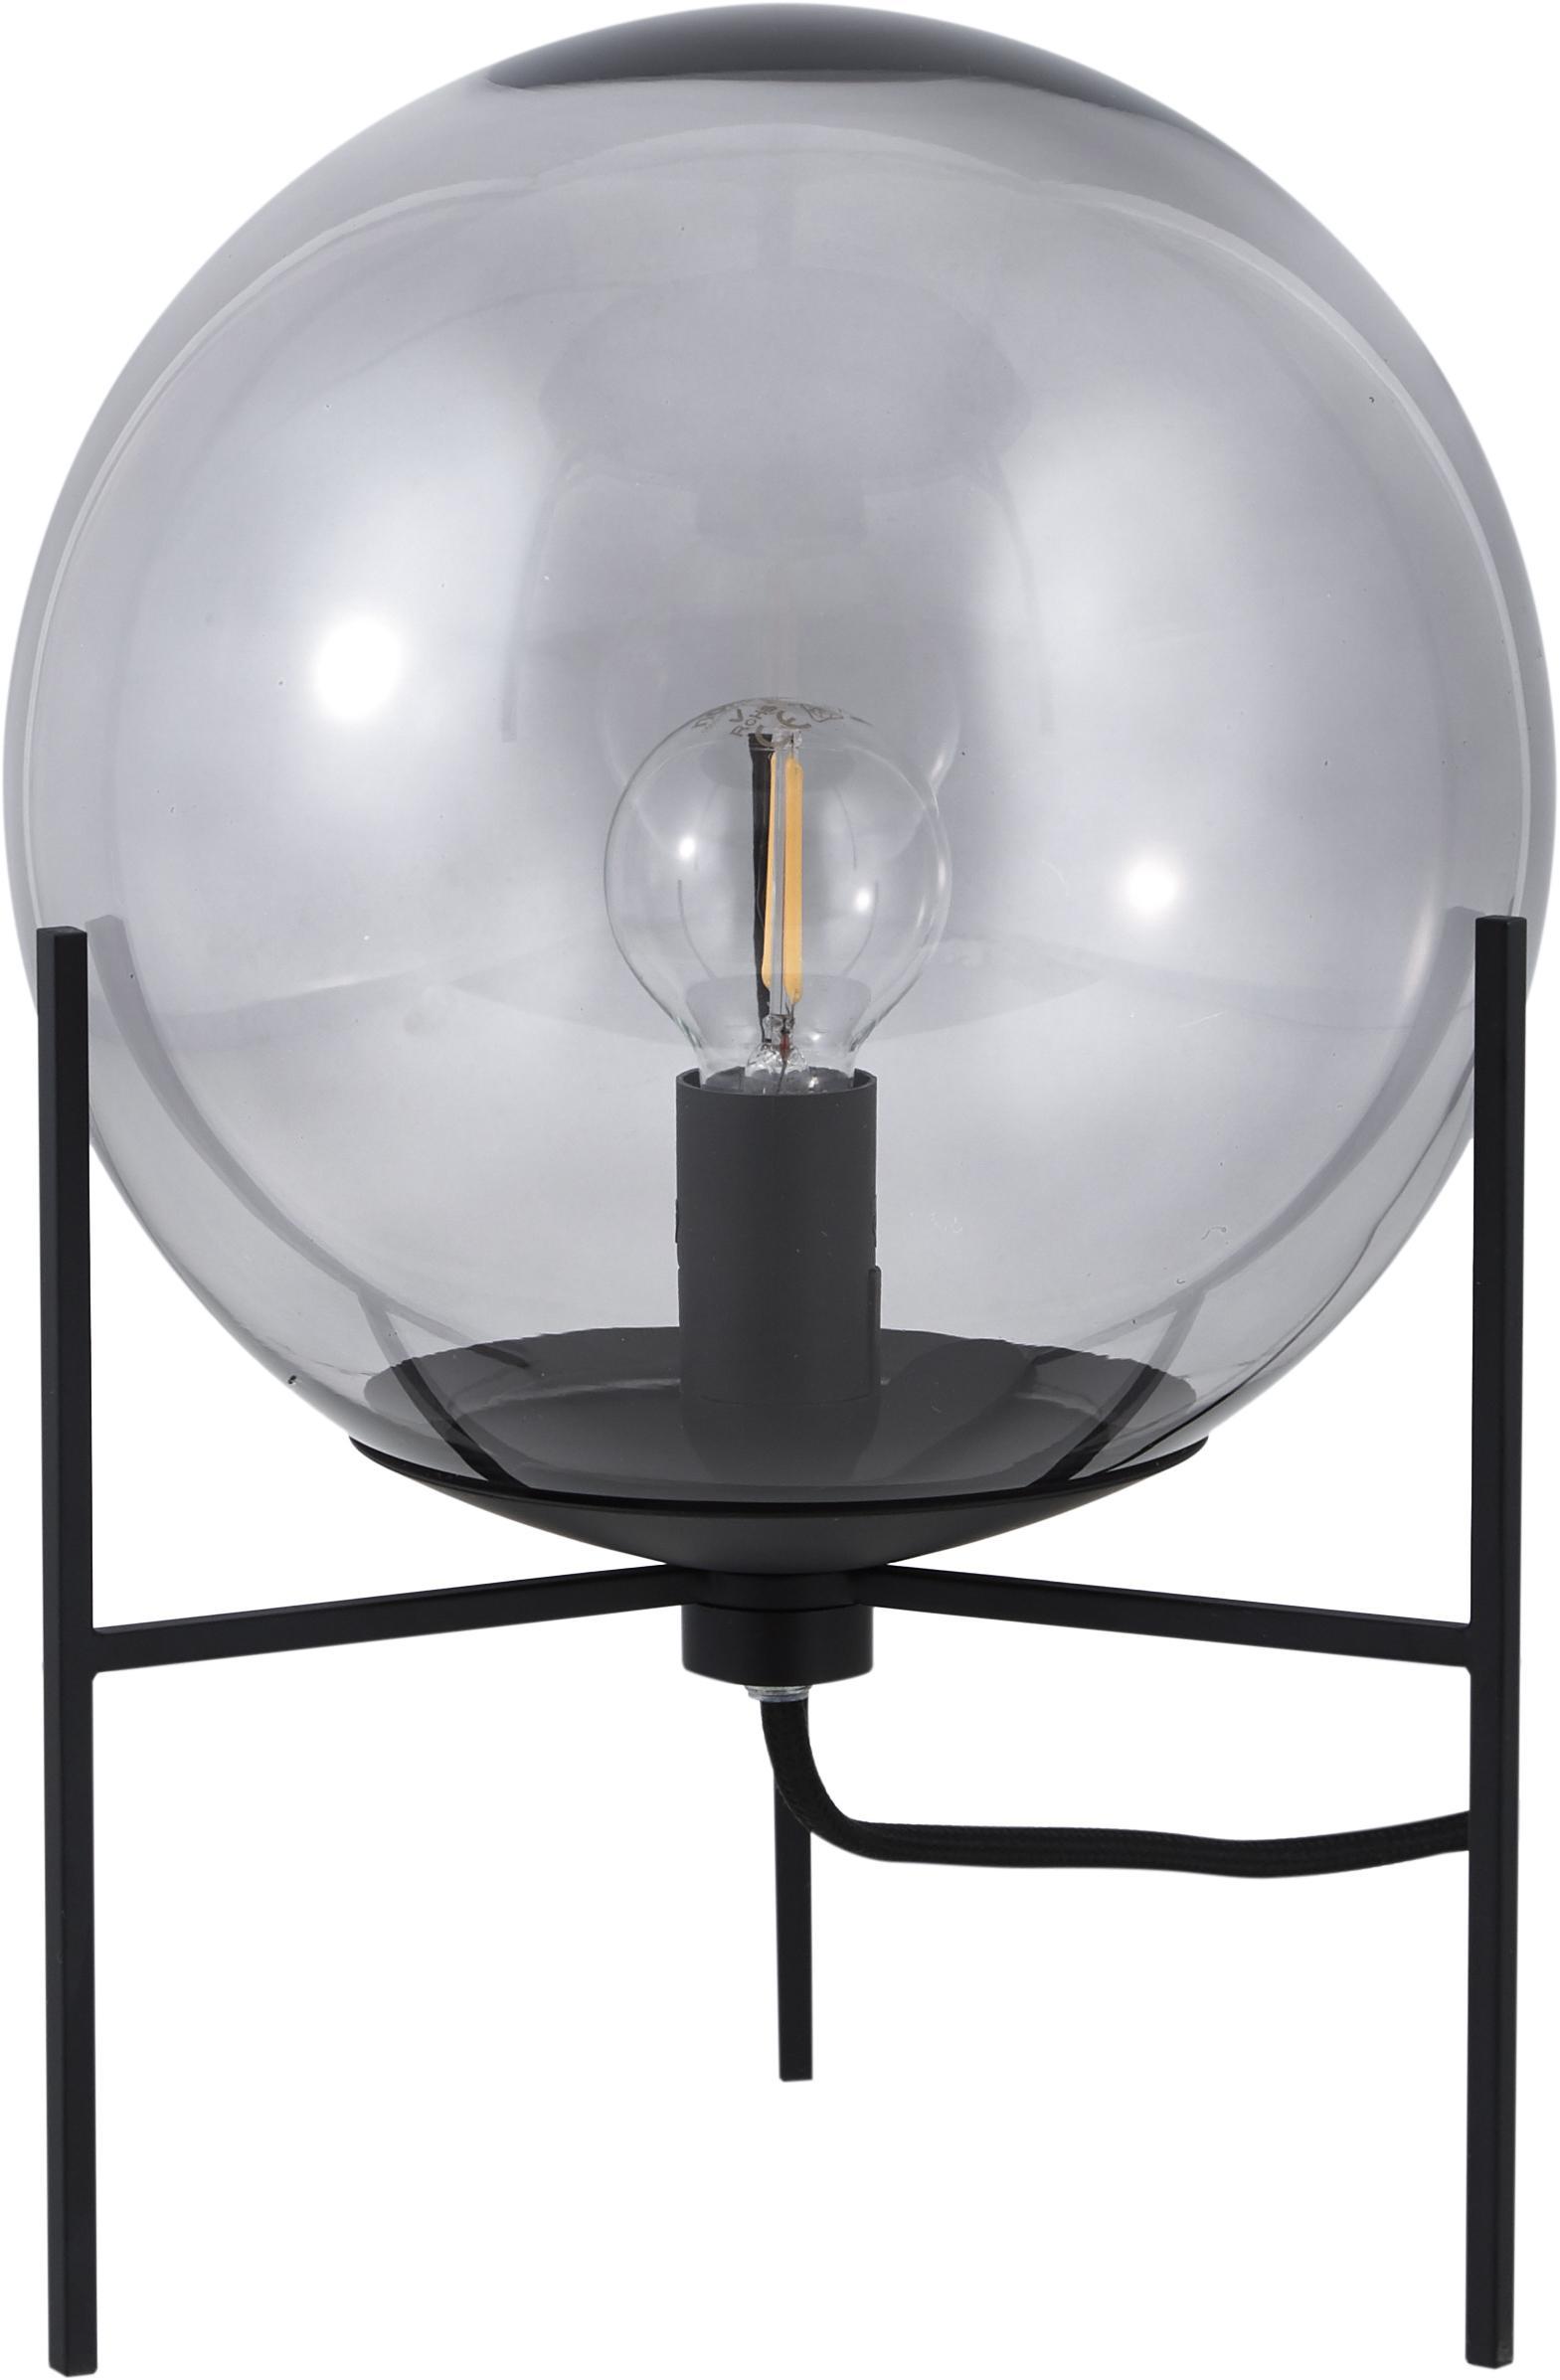 Industrial-Tischleuchte Alton aus Glas, Lampenschirm: Glas, Gestell: Metall, beschichtet, Schwarz, Grau, transparent, Ø 20 x H 29 cm